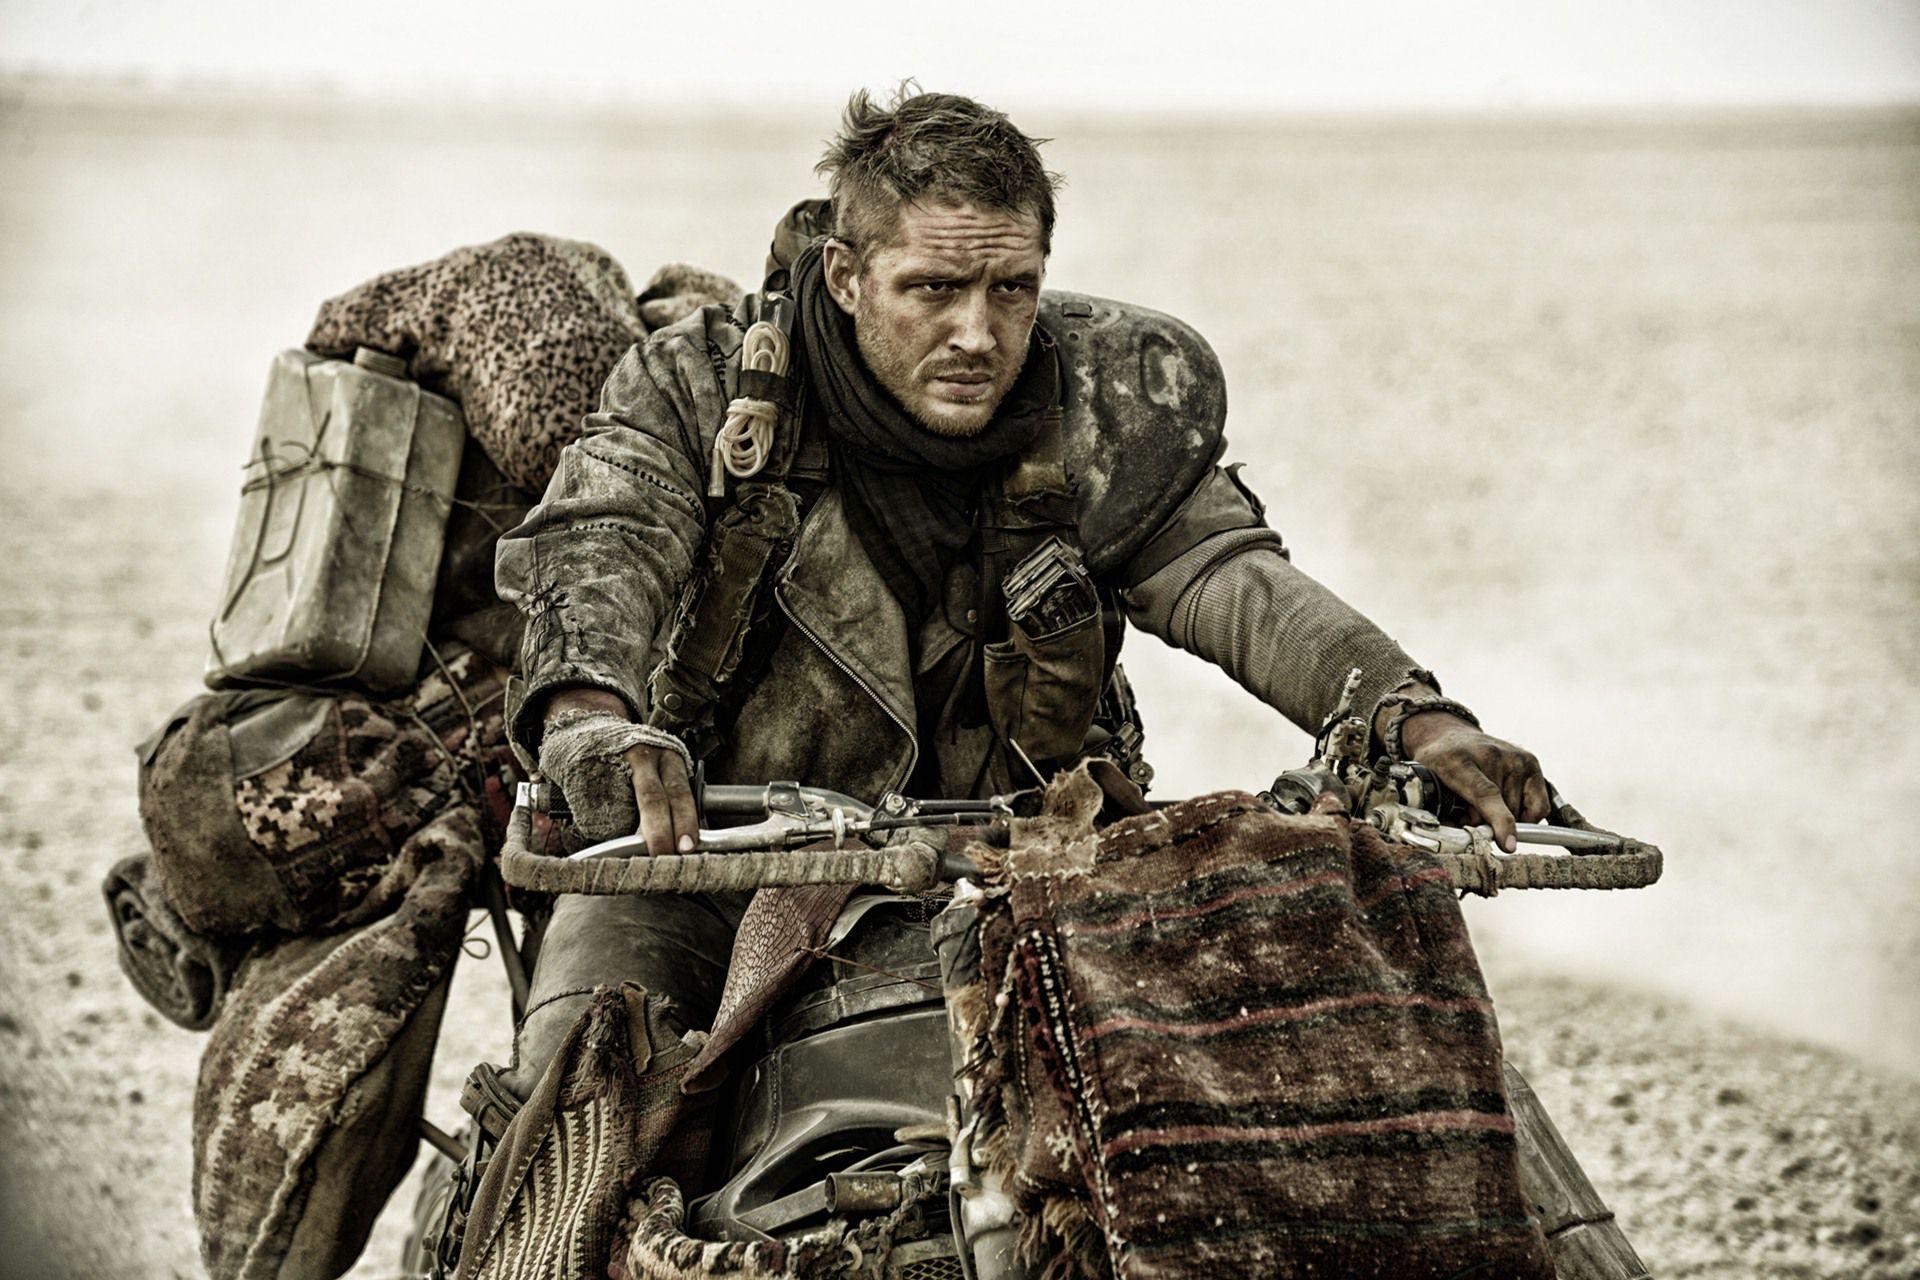 Đạo diễn 'Mad Max' hào hứng với ý tưởng về phần 5